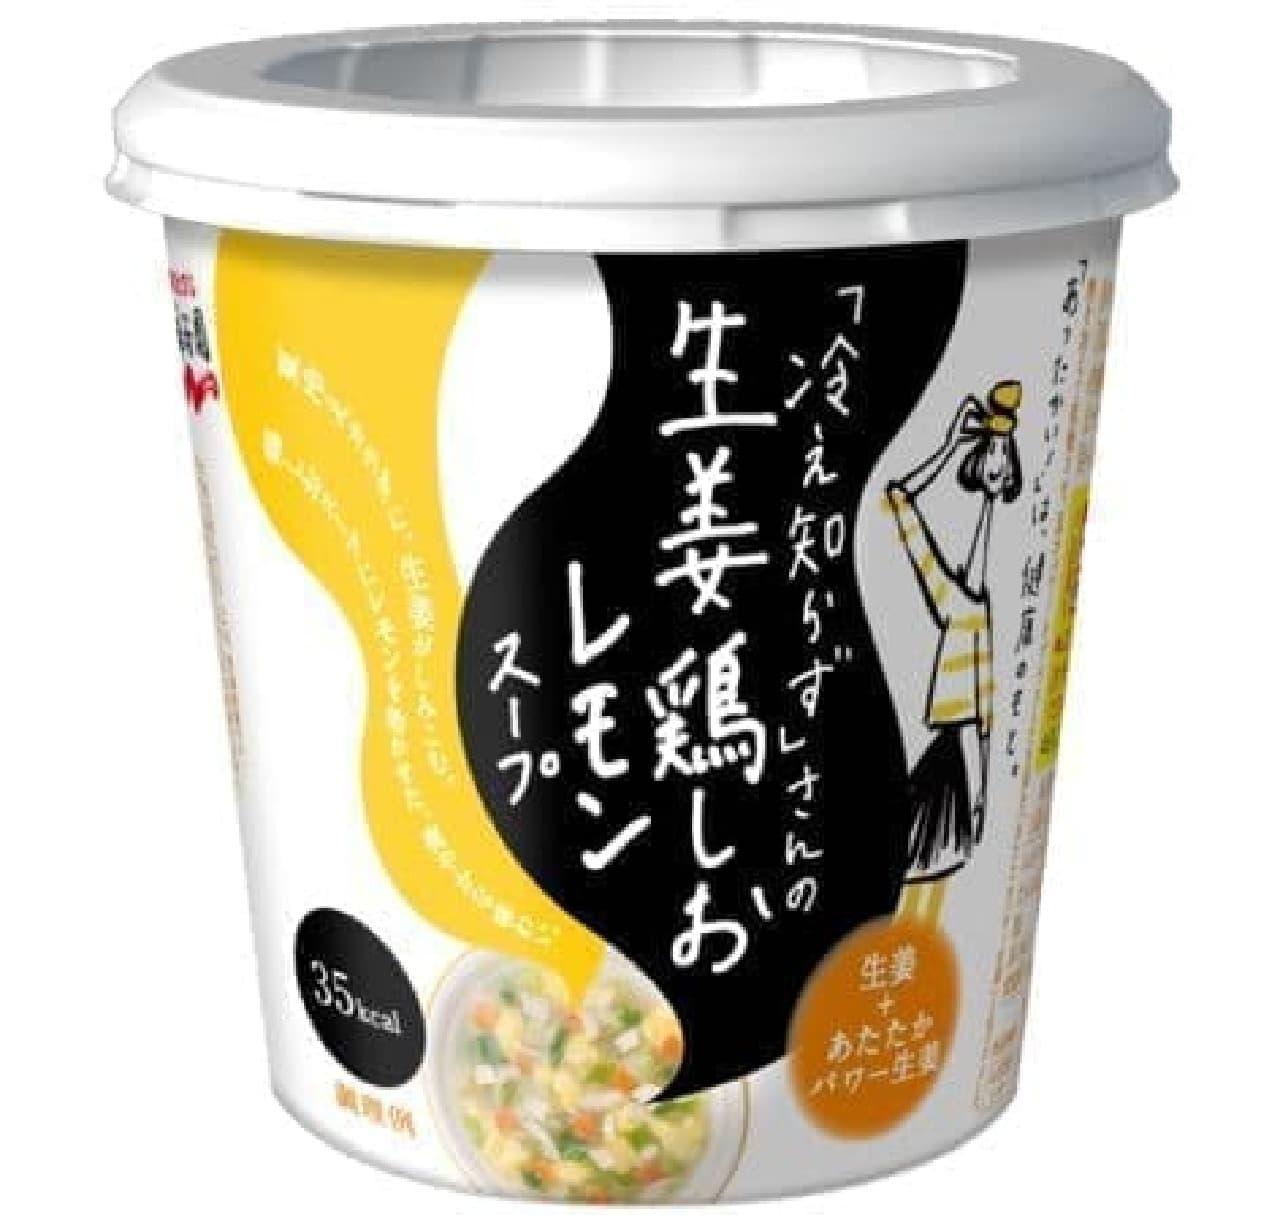 「冷え知らず」さんの生姜鶏しおレモンスープ